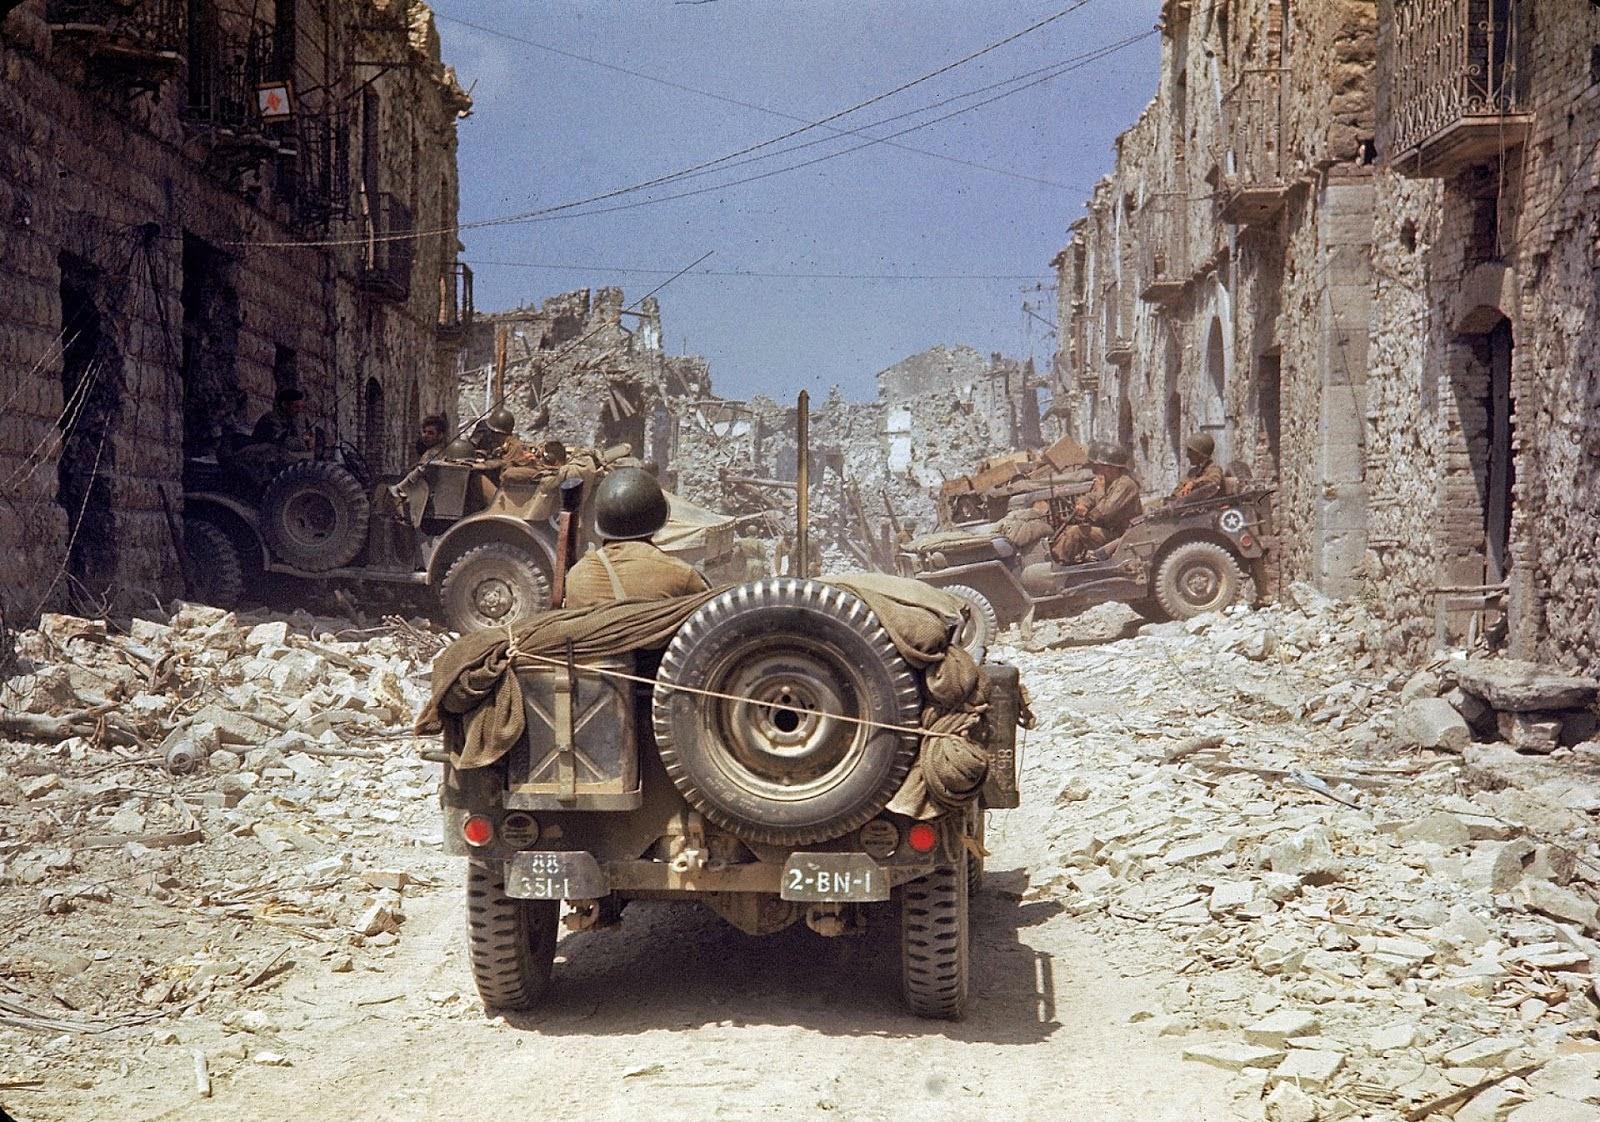 http://3.bp.blogspot.com/-B5TBKKGMdbU/VLacODj7LsI/AAAAAAABOMQ/KBJ56pAwgzQ/s1600/Rare+Color+Photographs+from+World+War+II+(5).jpg